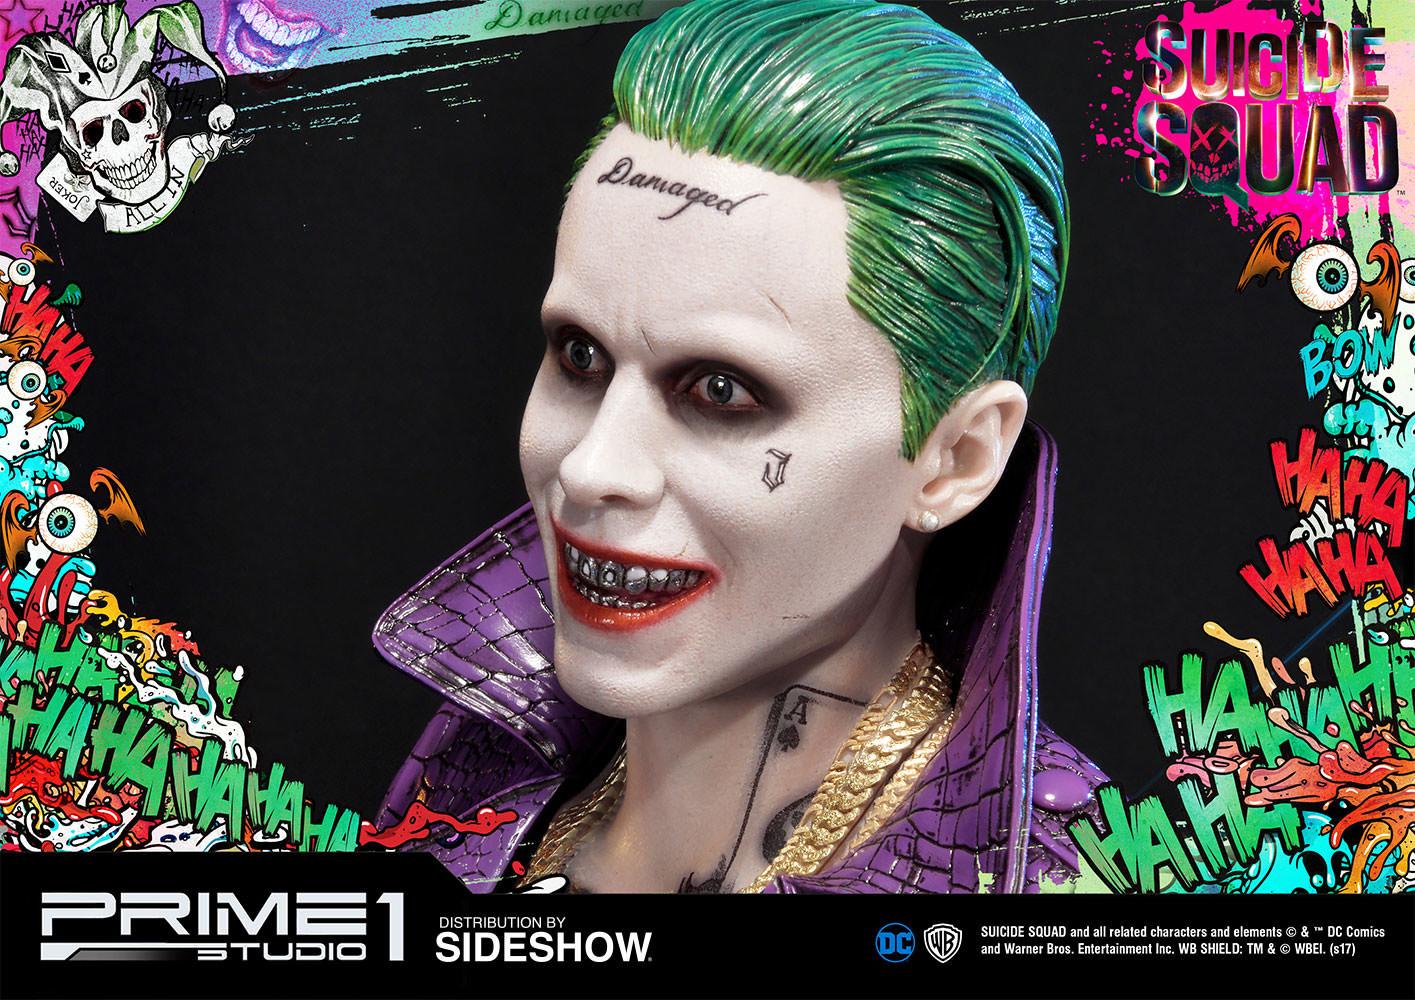 Alvaro ribeiro dc comics suicide squx the joker statue prime1 studio 903021 23